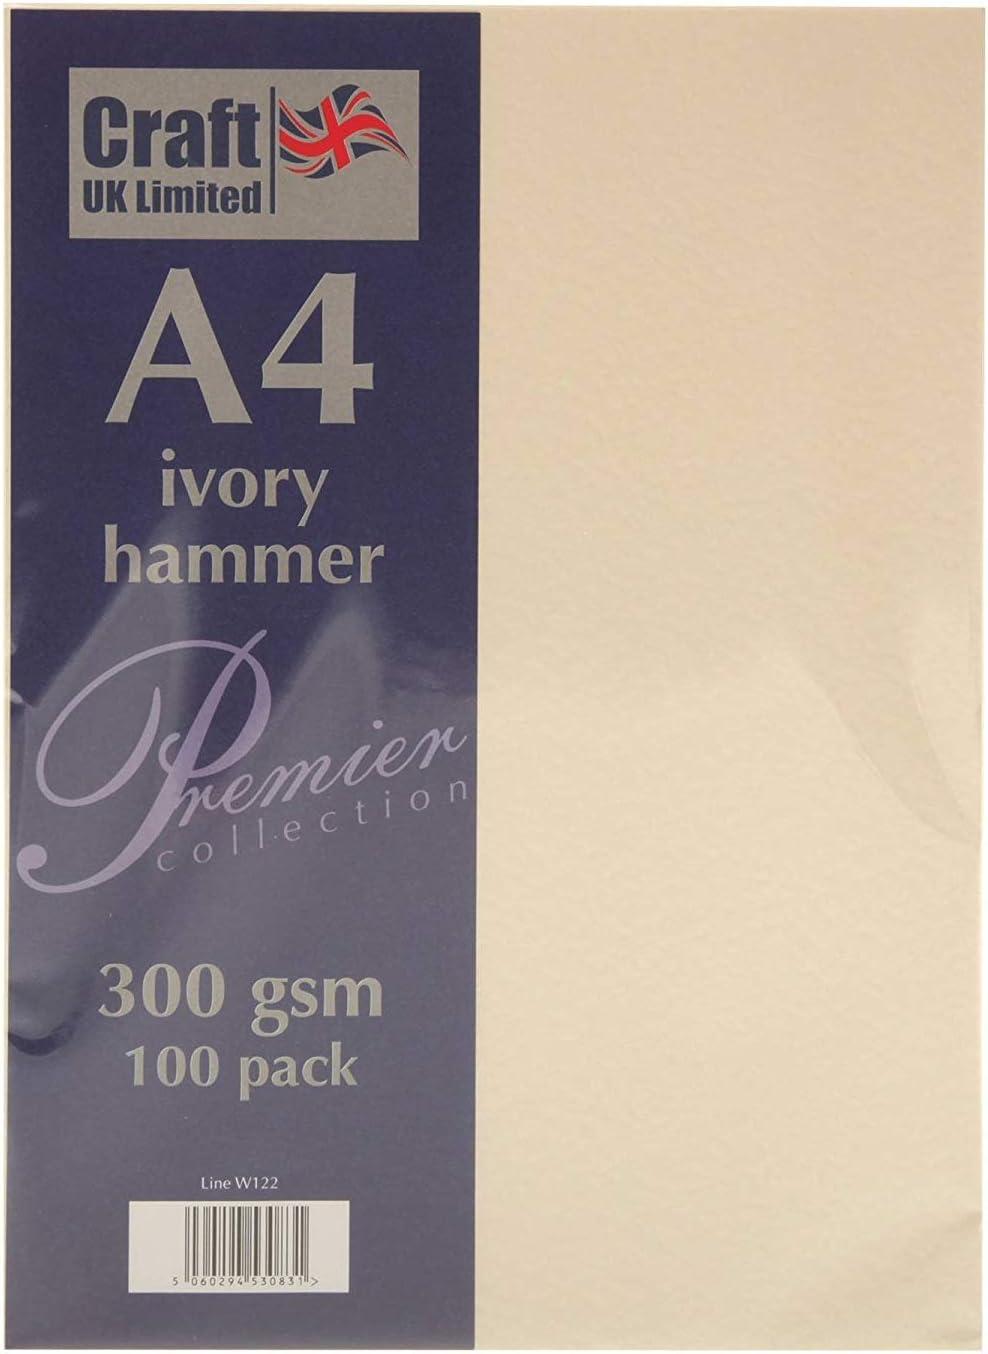 Craft UK W122/A4/martellato di colore avorio confezione da 100/fogli